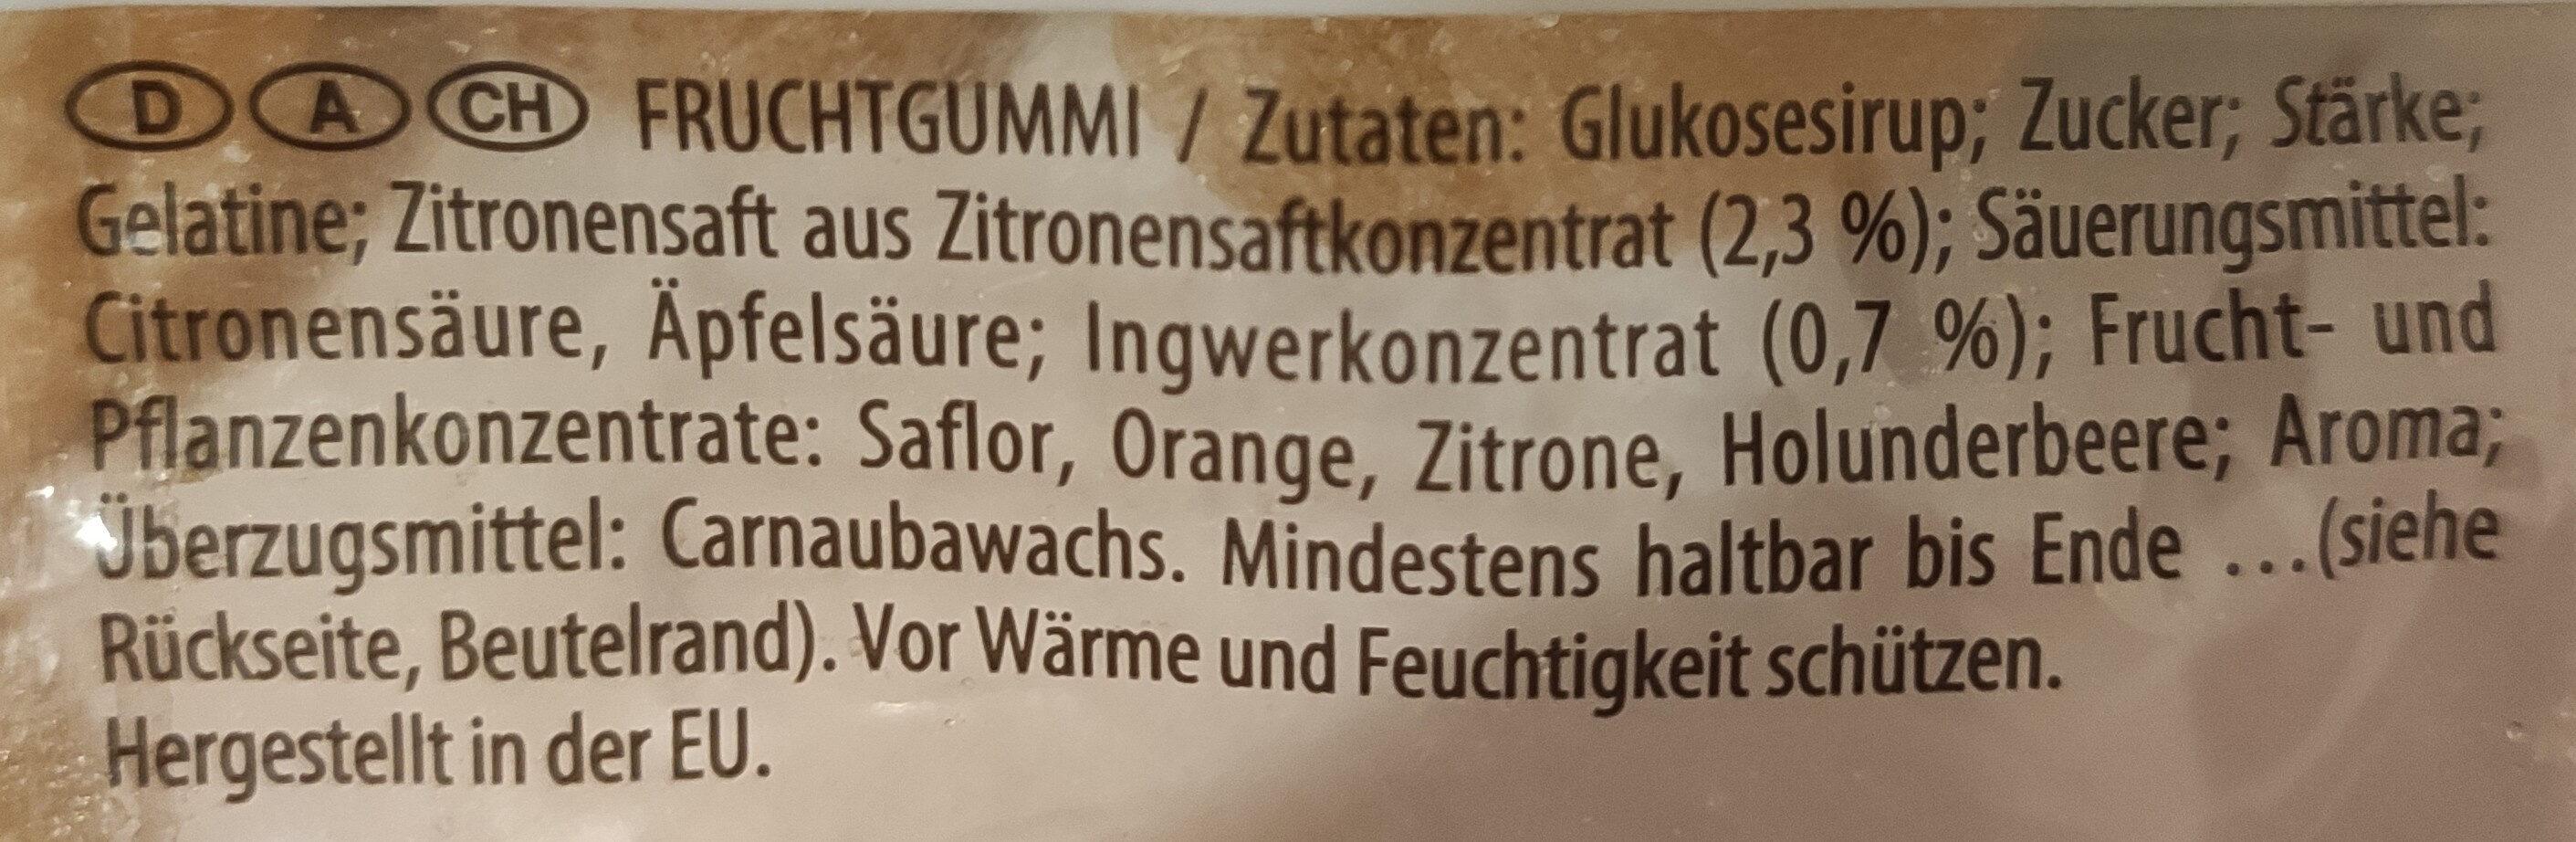 Zenzero limone - Zutaten - de